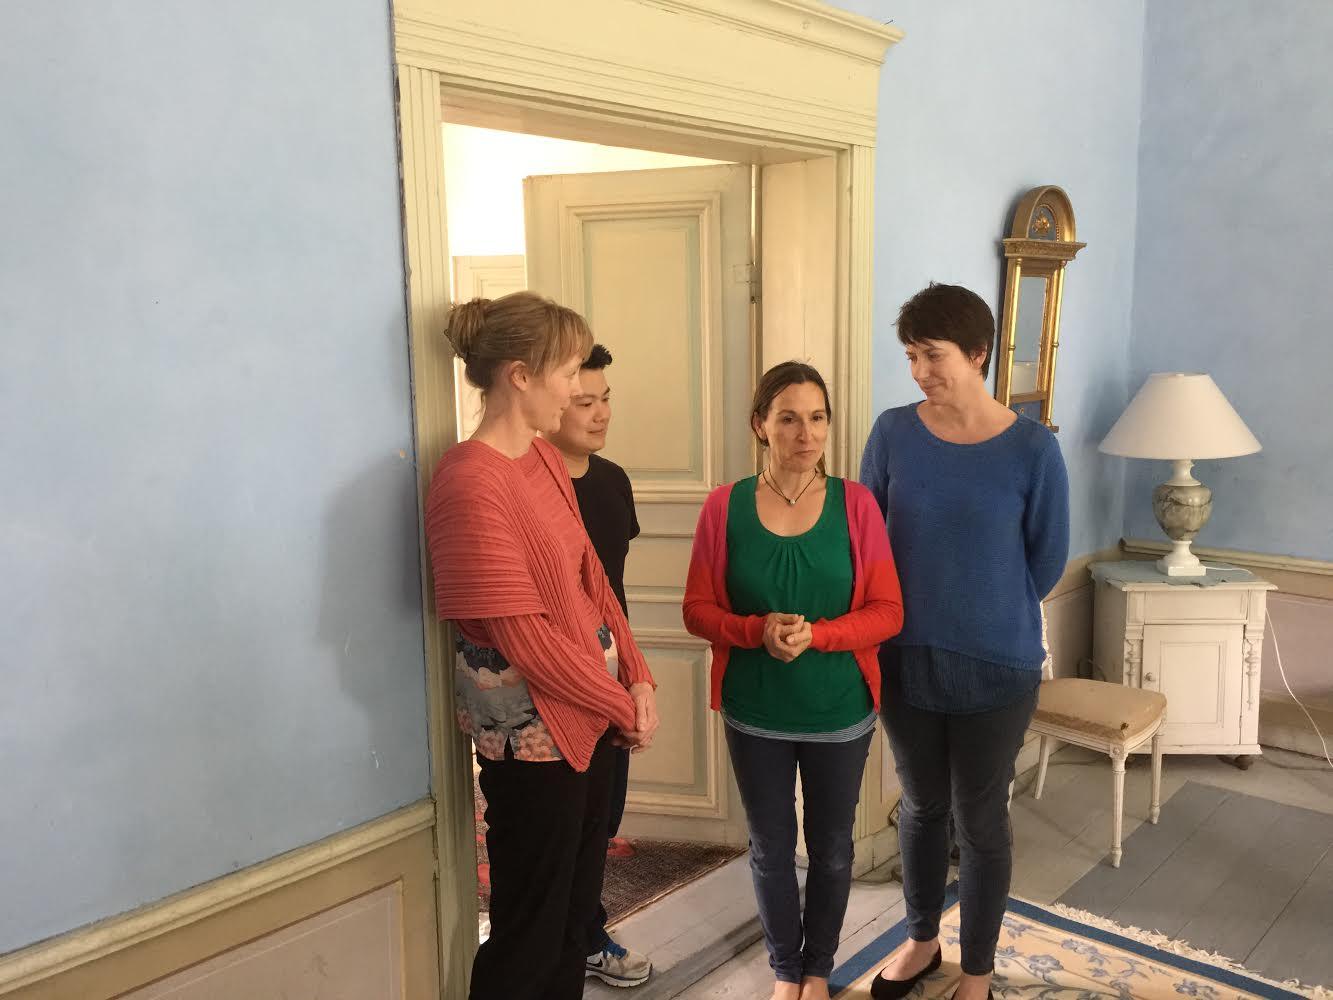 Sue Knighton and The Flinders Quartet 2015 - Australia